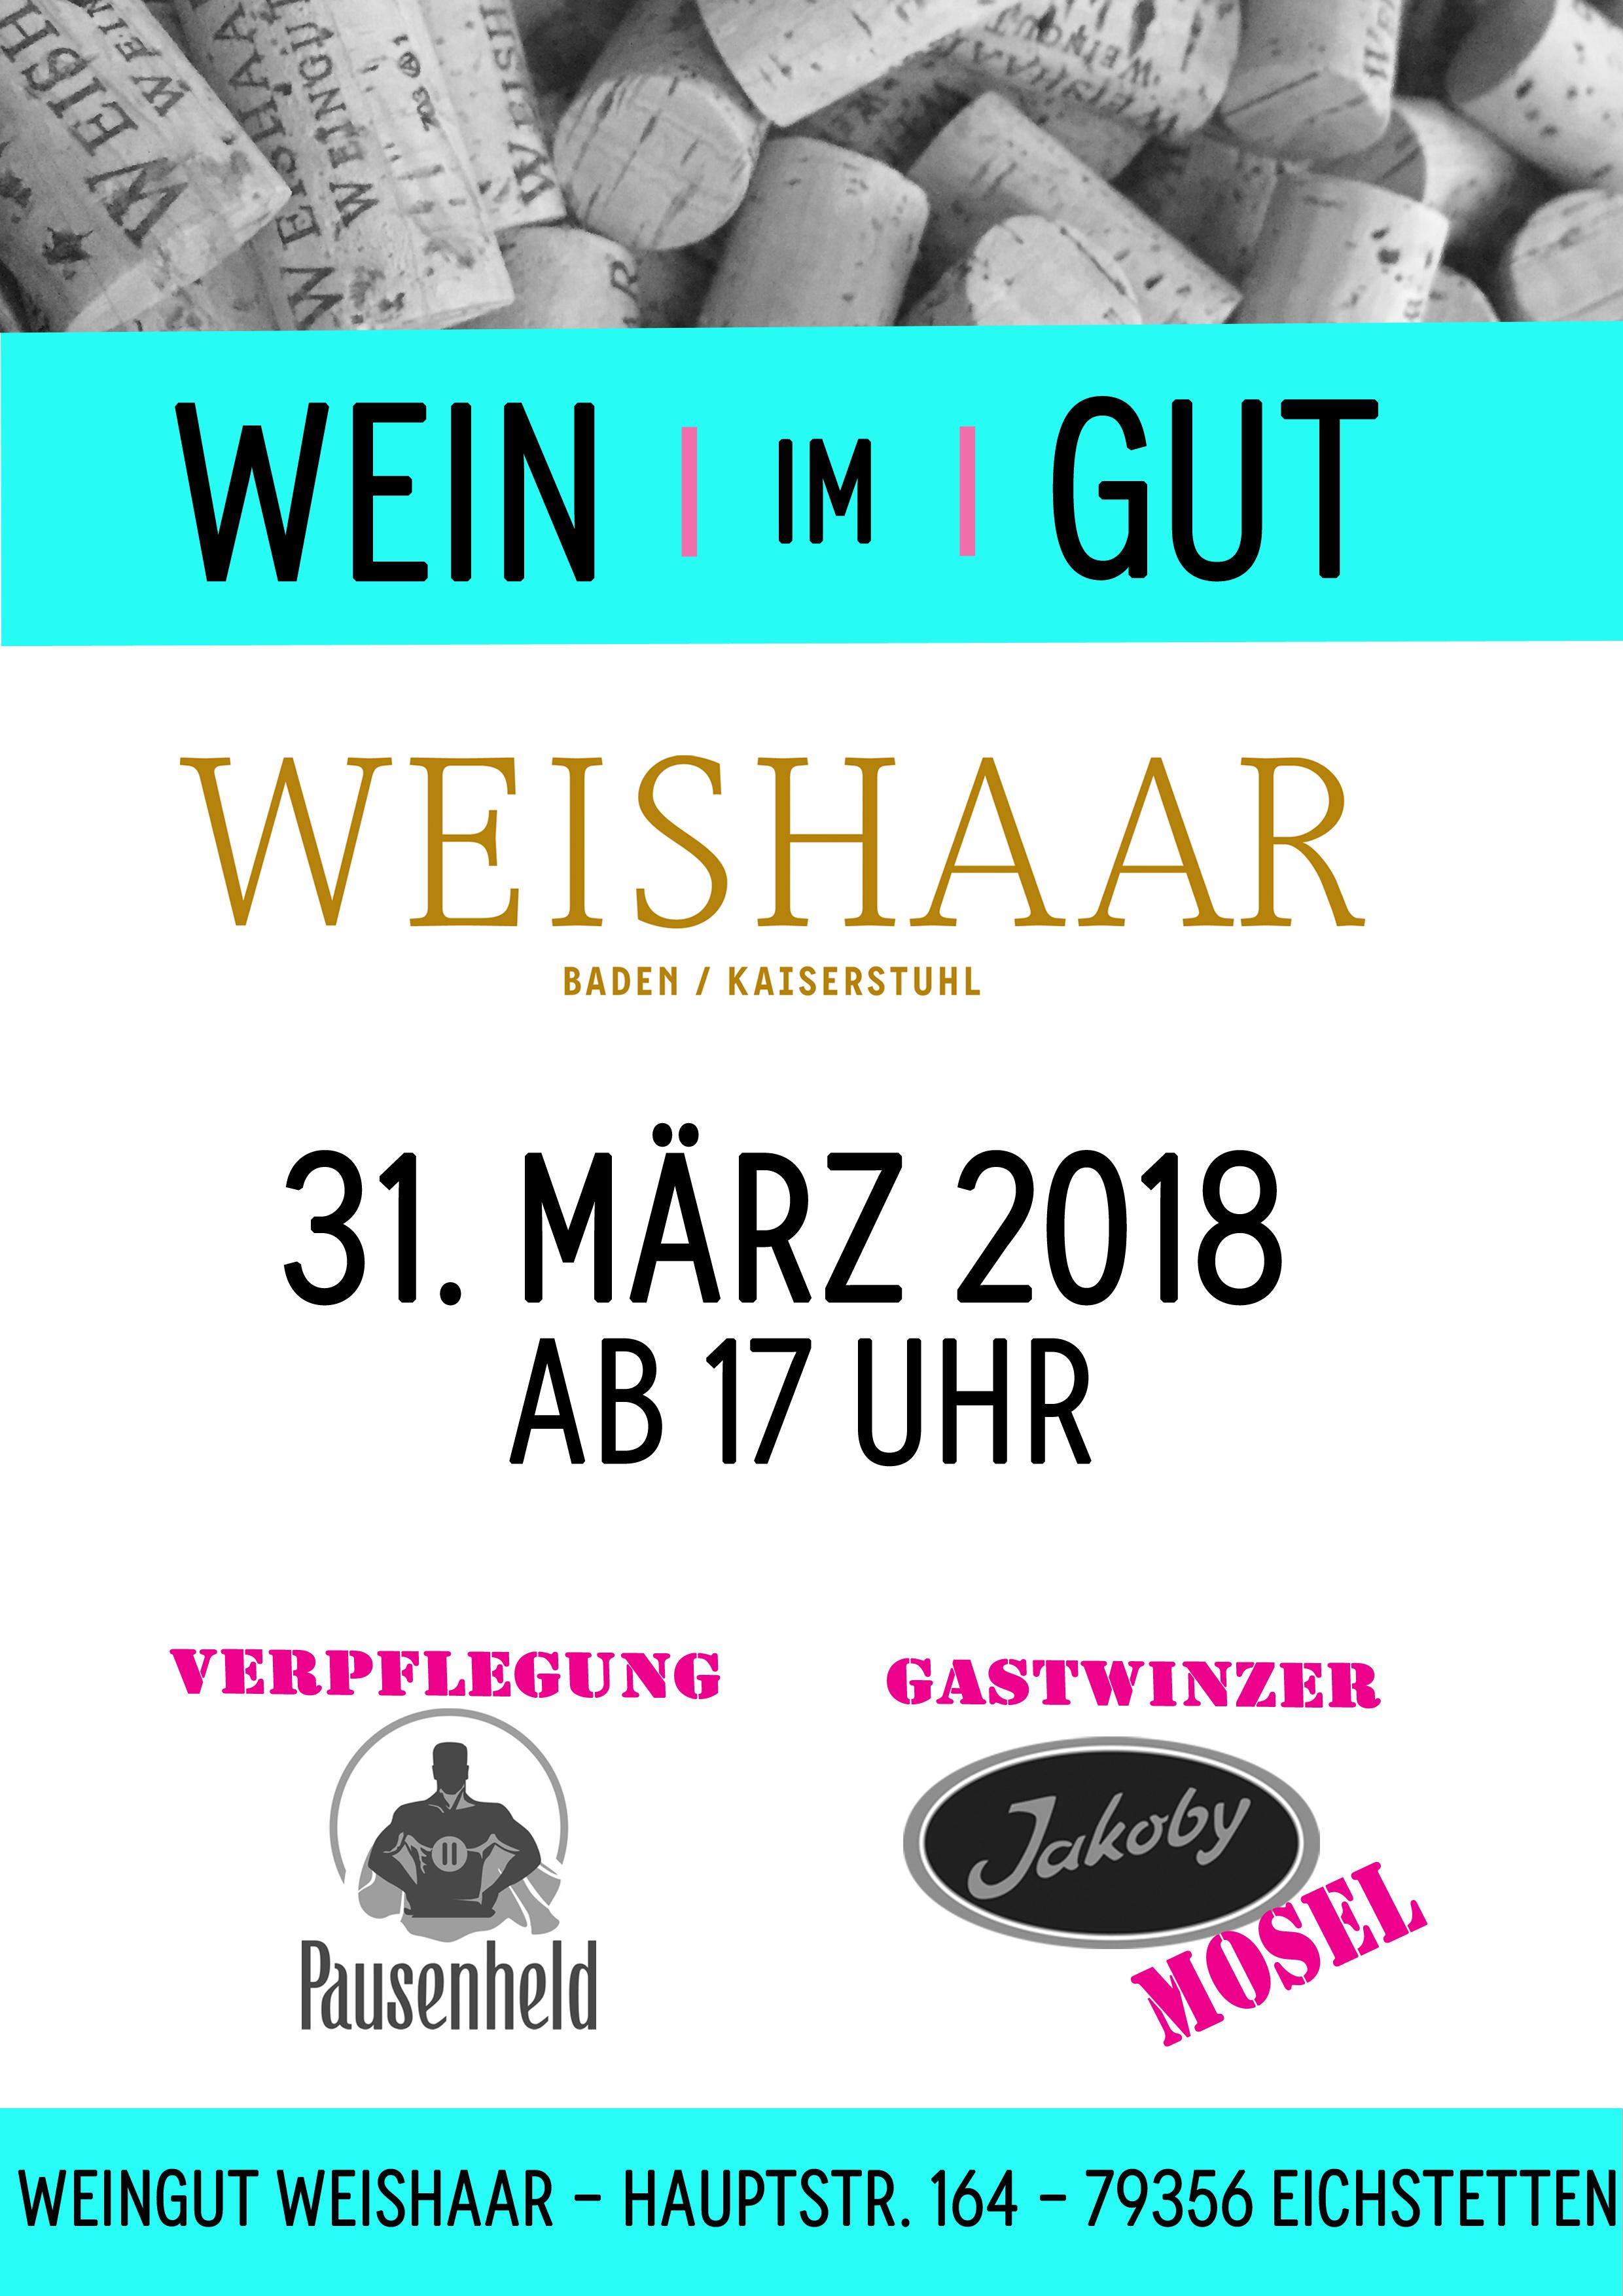 Wein im Gut 2018 – am 31.01.2018 ab 17 Uhr im Weingut Weishaar